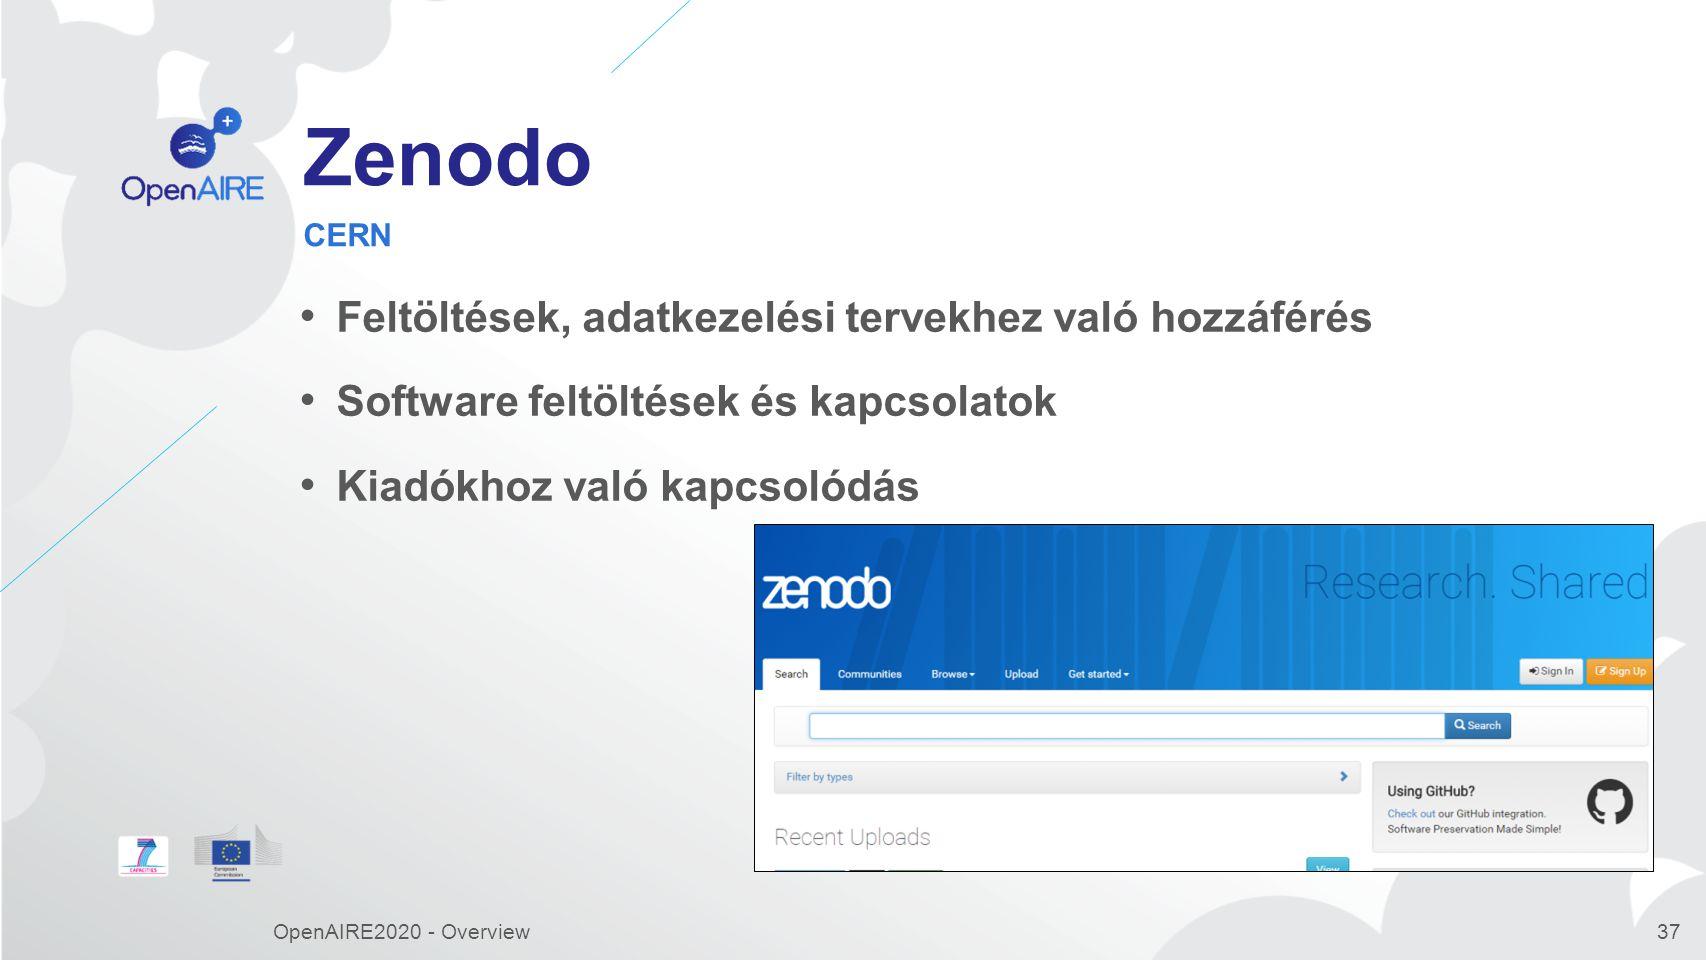 Zenodo Feltöltések, adatkezelési tervekhez való hozzáférés